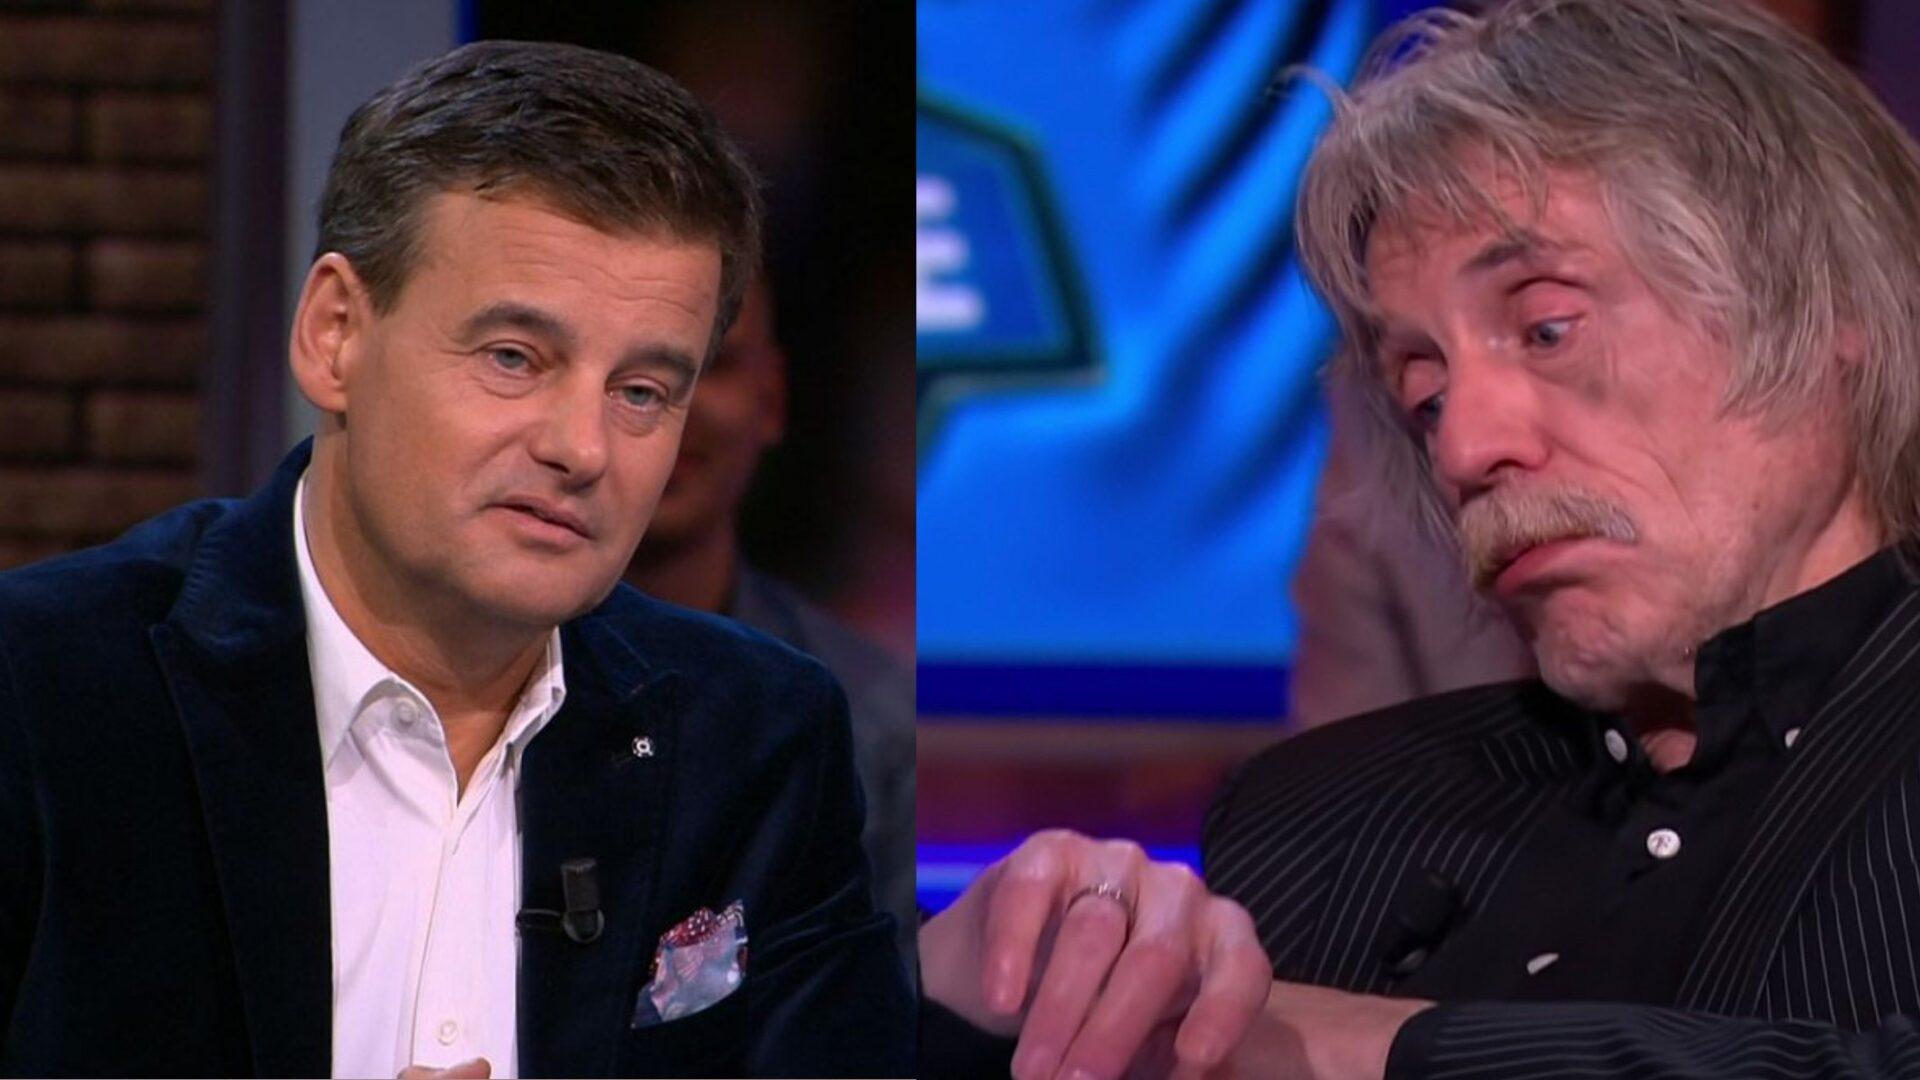 Veronica Inside Wilfred Genee Johan Derksen haat rel discriminatie